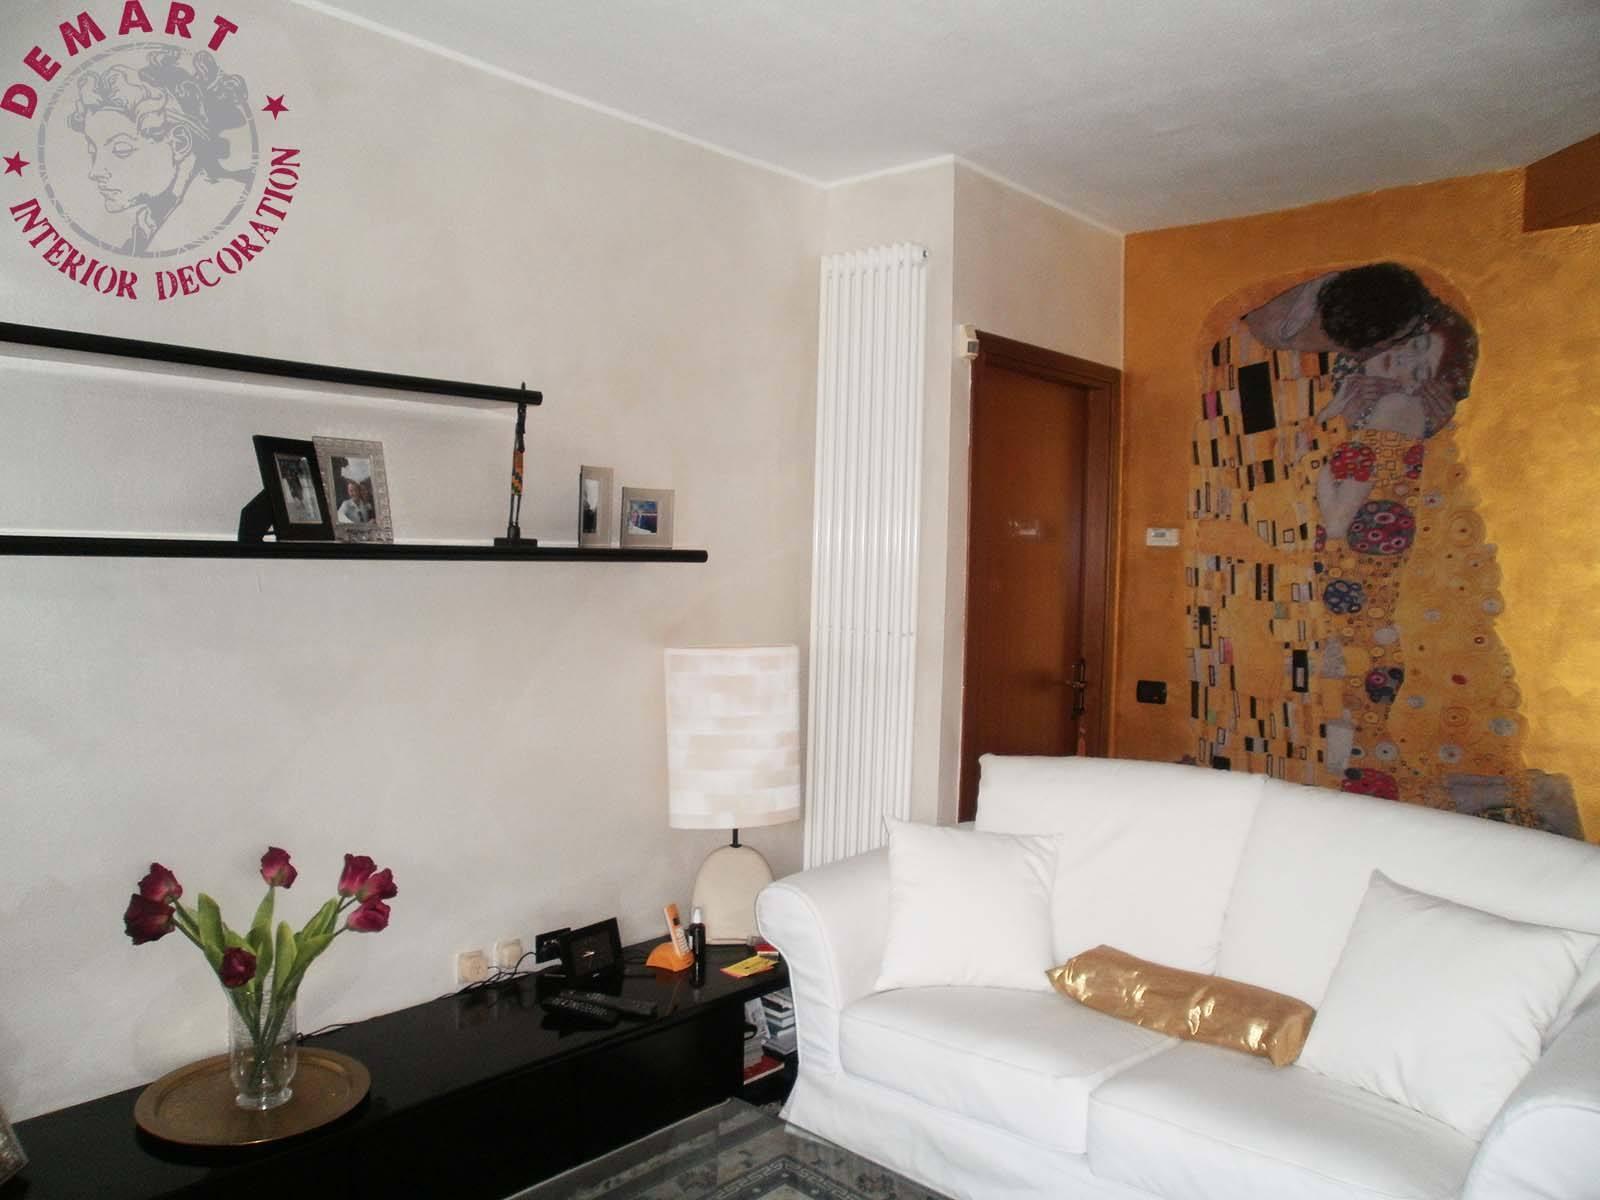 Decorazione parete affresco digitale soggiorno privato kandinsky